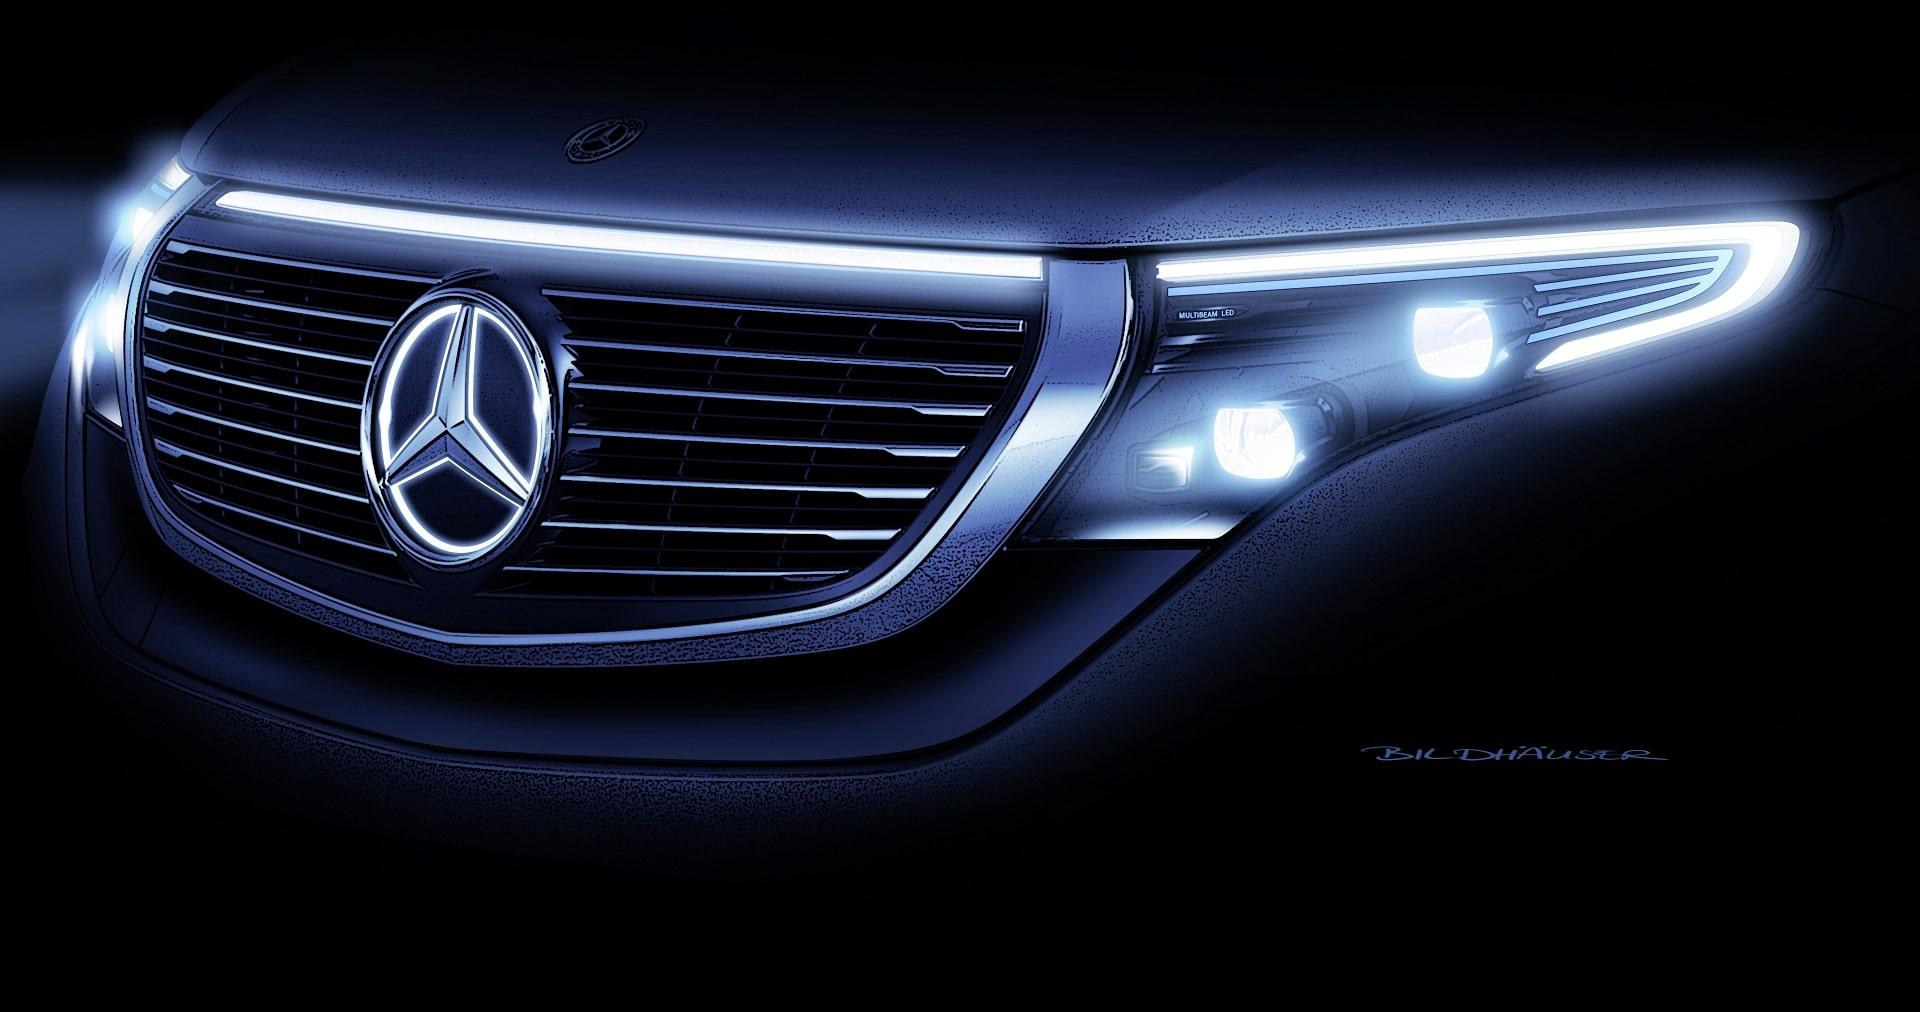 Der neue Mercedes-Benz ECQ, Exterieur, Designskizze, Front-Scheinwerfer